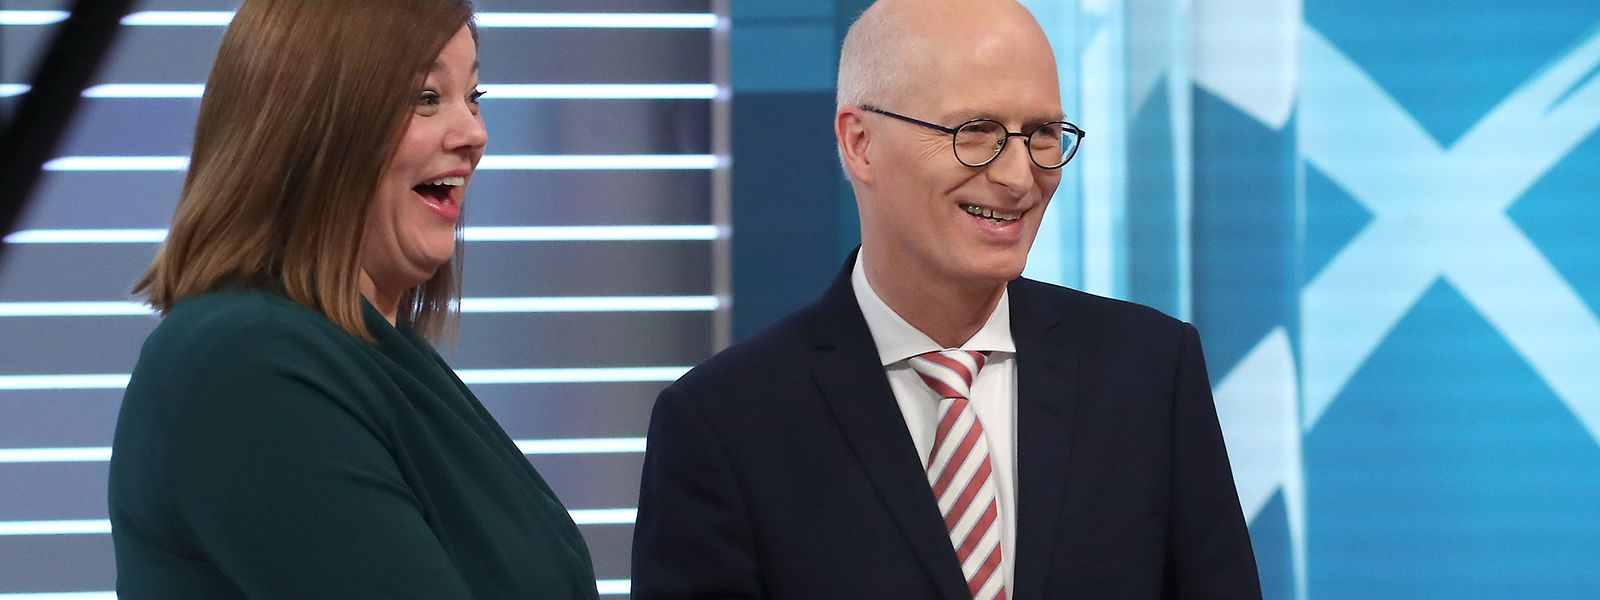 Grund zum Jublen: Die Grünen-Spitzenkandidatin Katharina Fegebank und der SPD Spitzenkandidat und Erste Bürgermeister Peter Tschentscher reichen sich während einer TV-Runde die Hände.